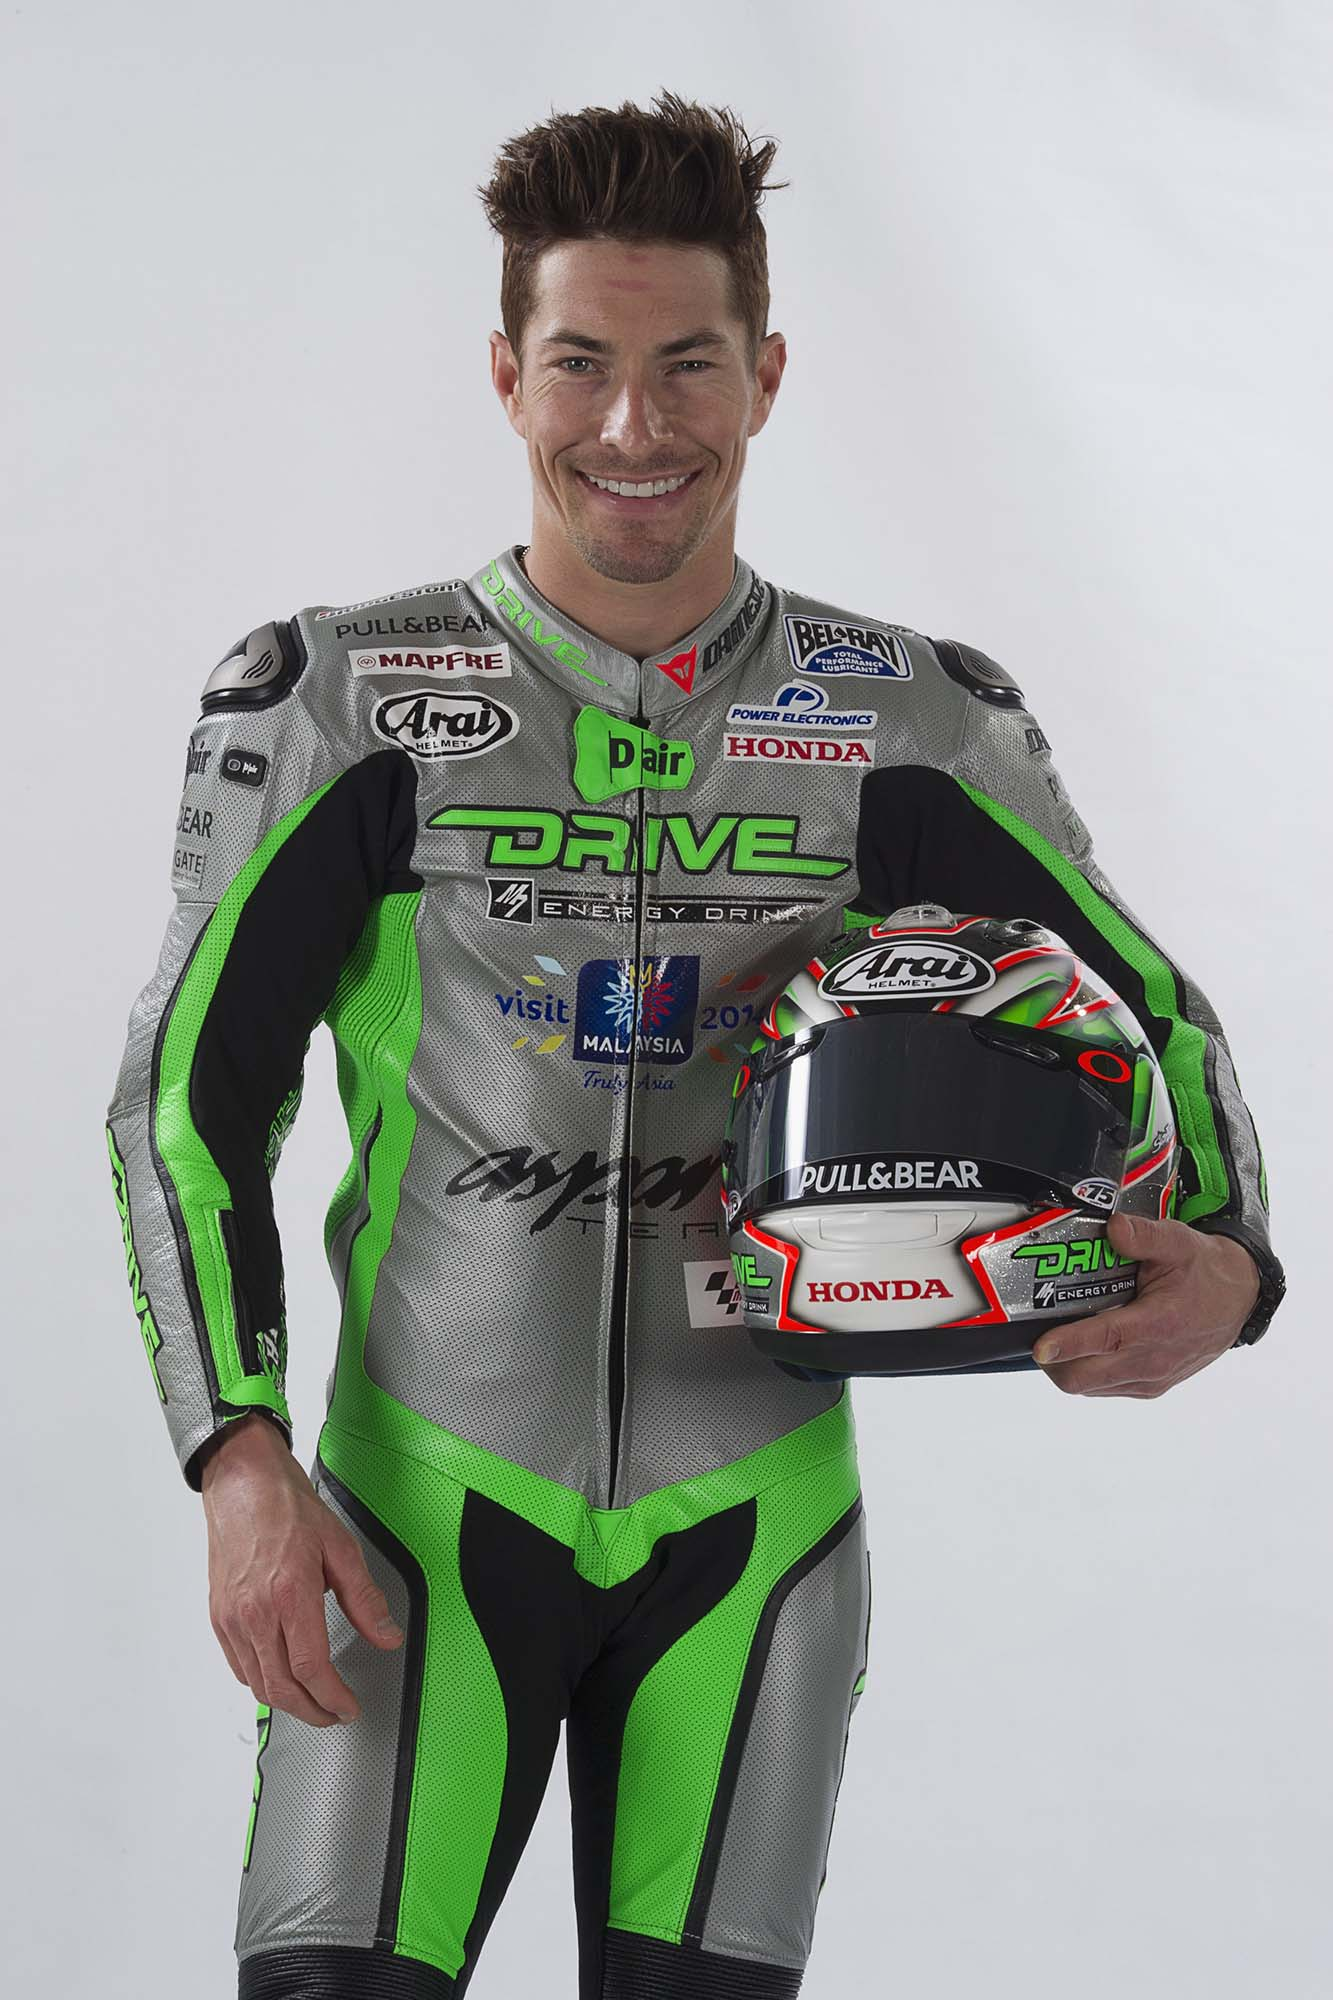 Nicky Hayden's Drive M7 Aspar Team MotoGP Livery - Asphalt & Rubber